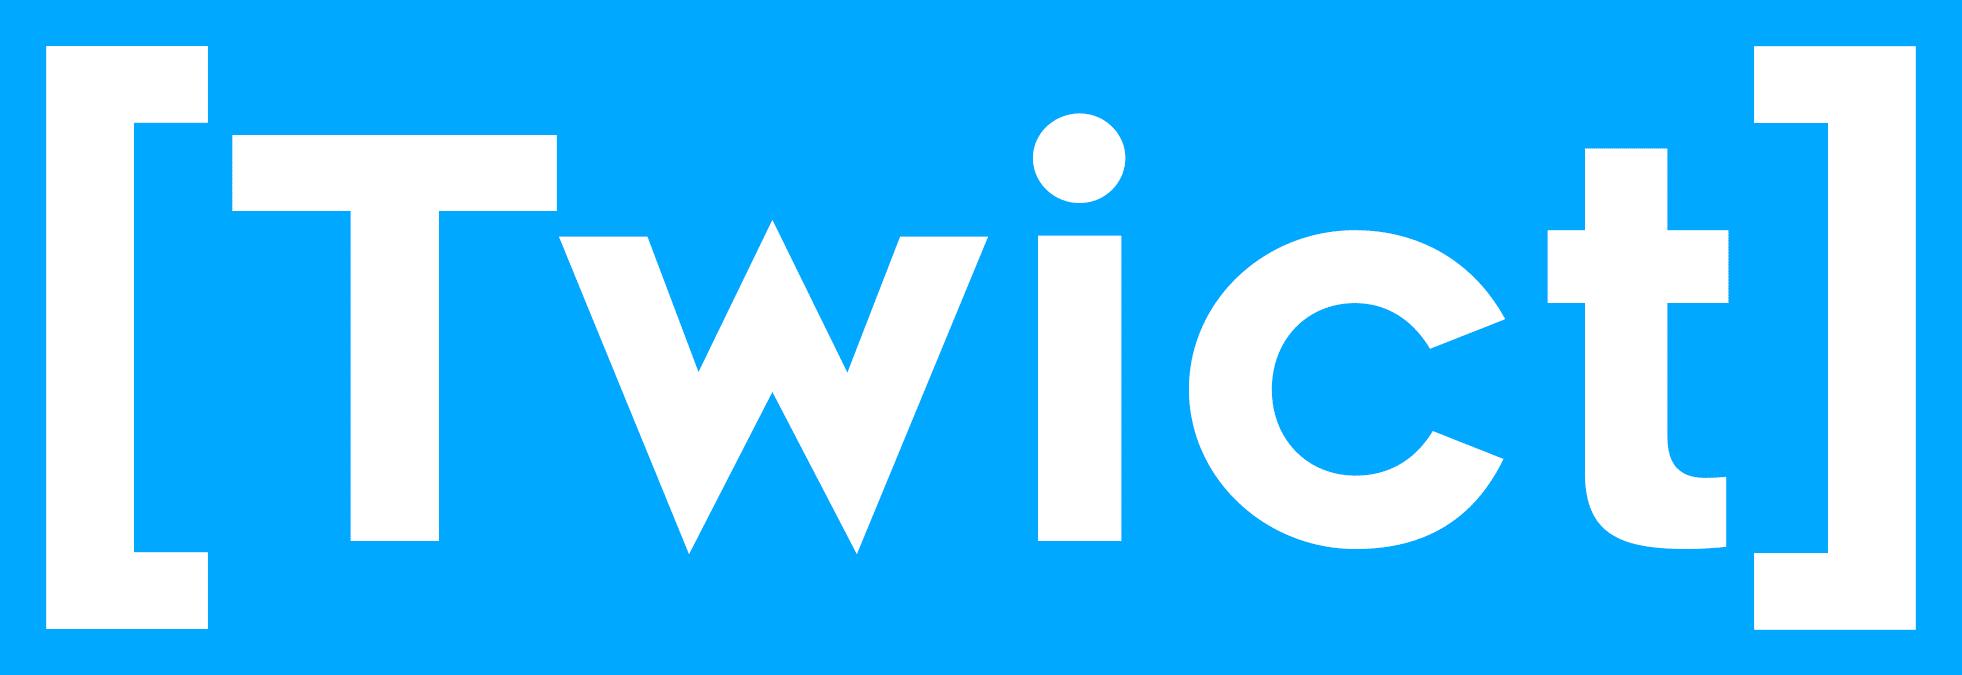 Twict